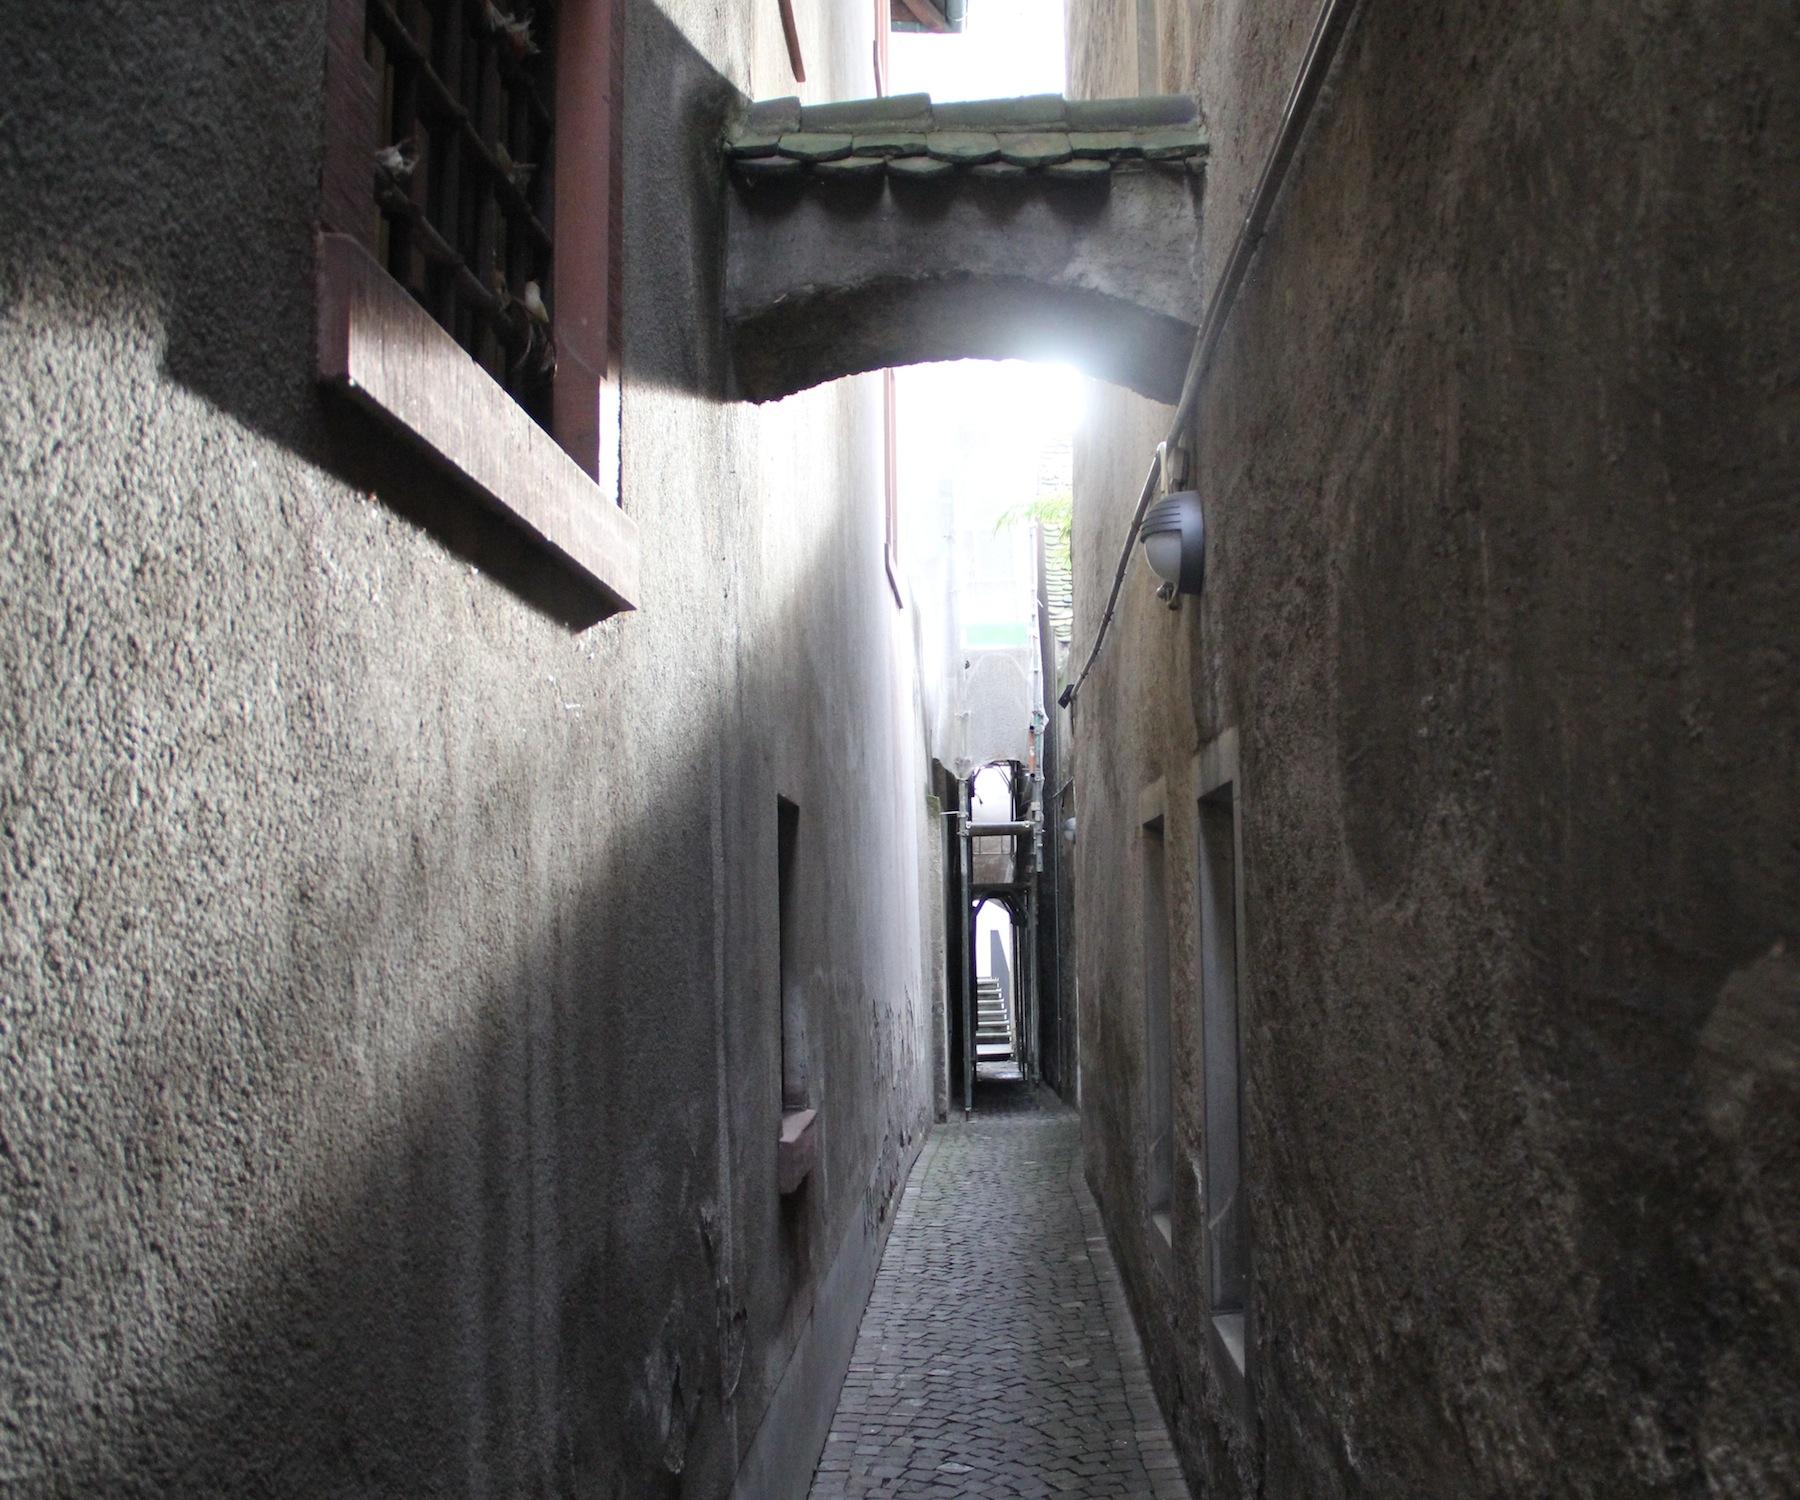 Ob es wirklich einmal «Fyrgässli» genannt wurde, bleibt im Dunkeln: Über den schmalen Weg bei der Martinsgasse gibt es kaum Informationen.